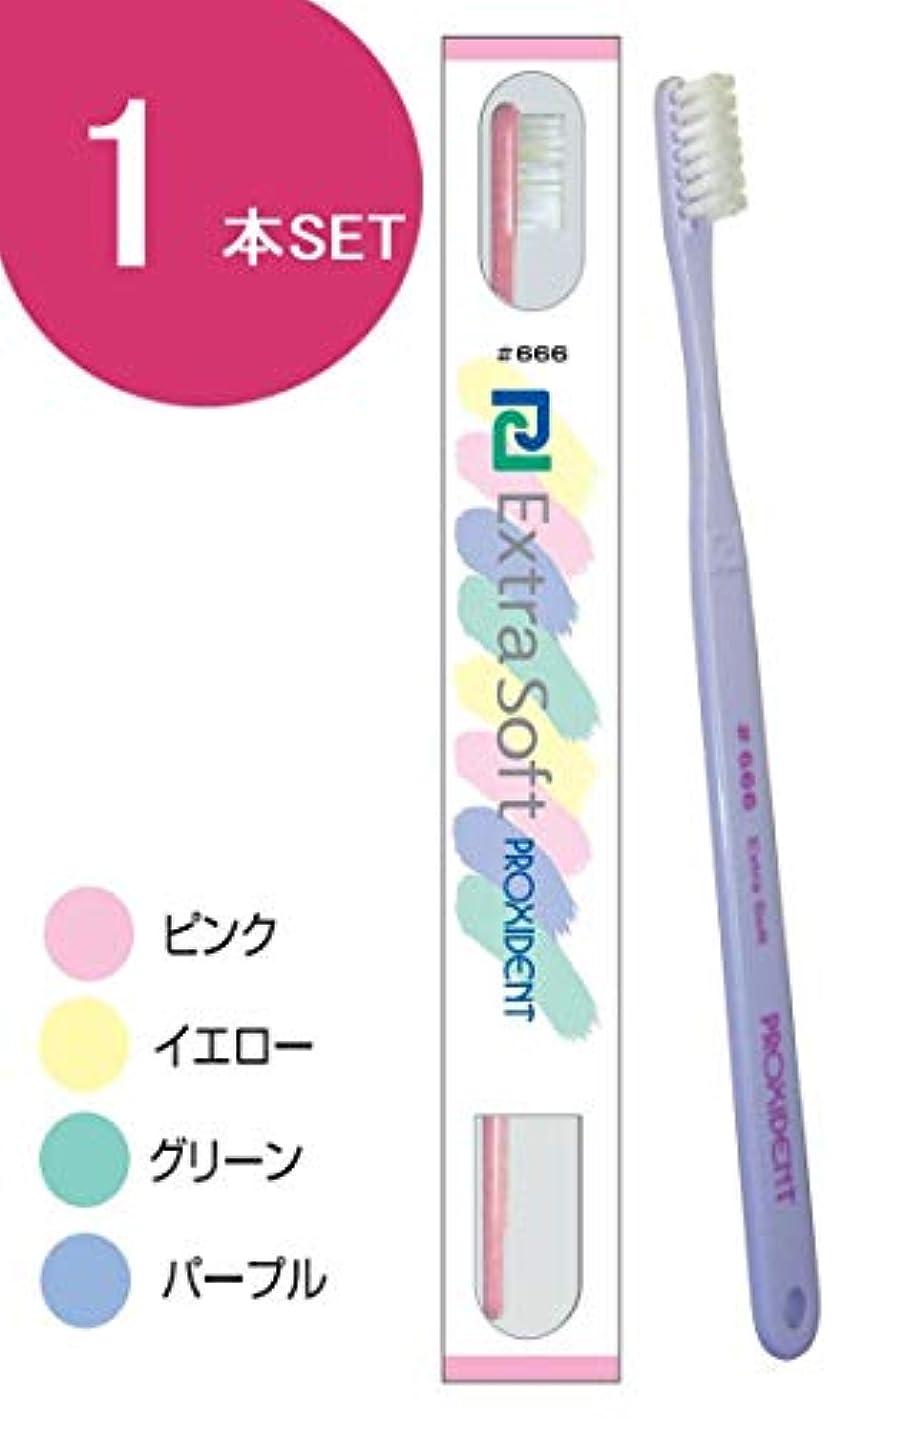 ゆるいマラドロイト承認するプローデント プロキシデント コンパクトヘッド ES(エクストラソフト) 歯ブラシ #666 (1本)